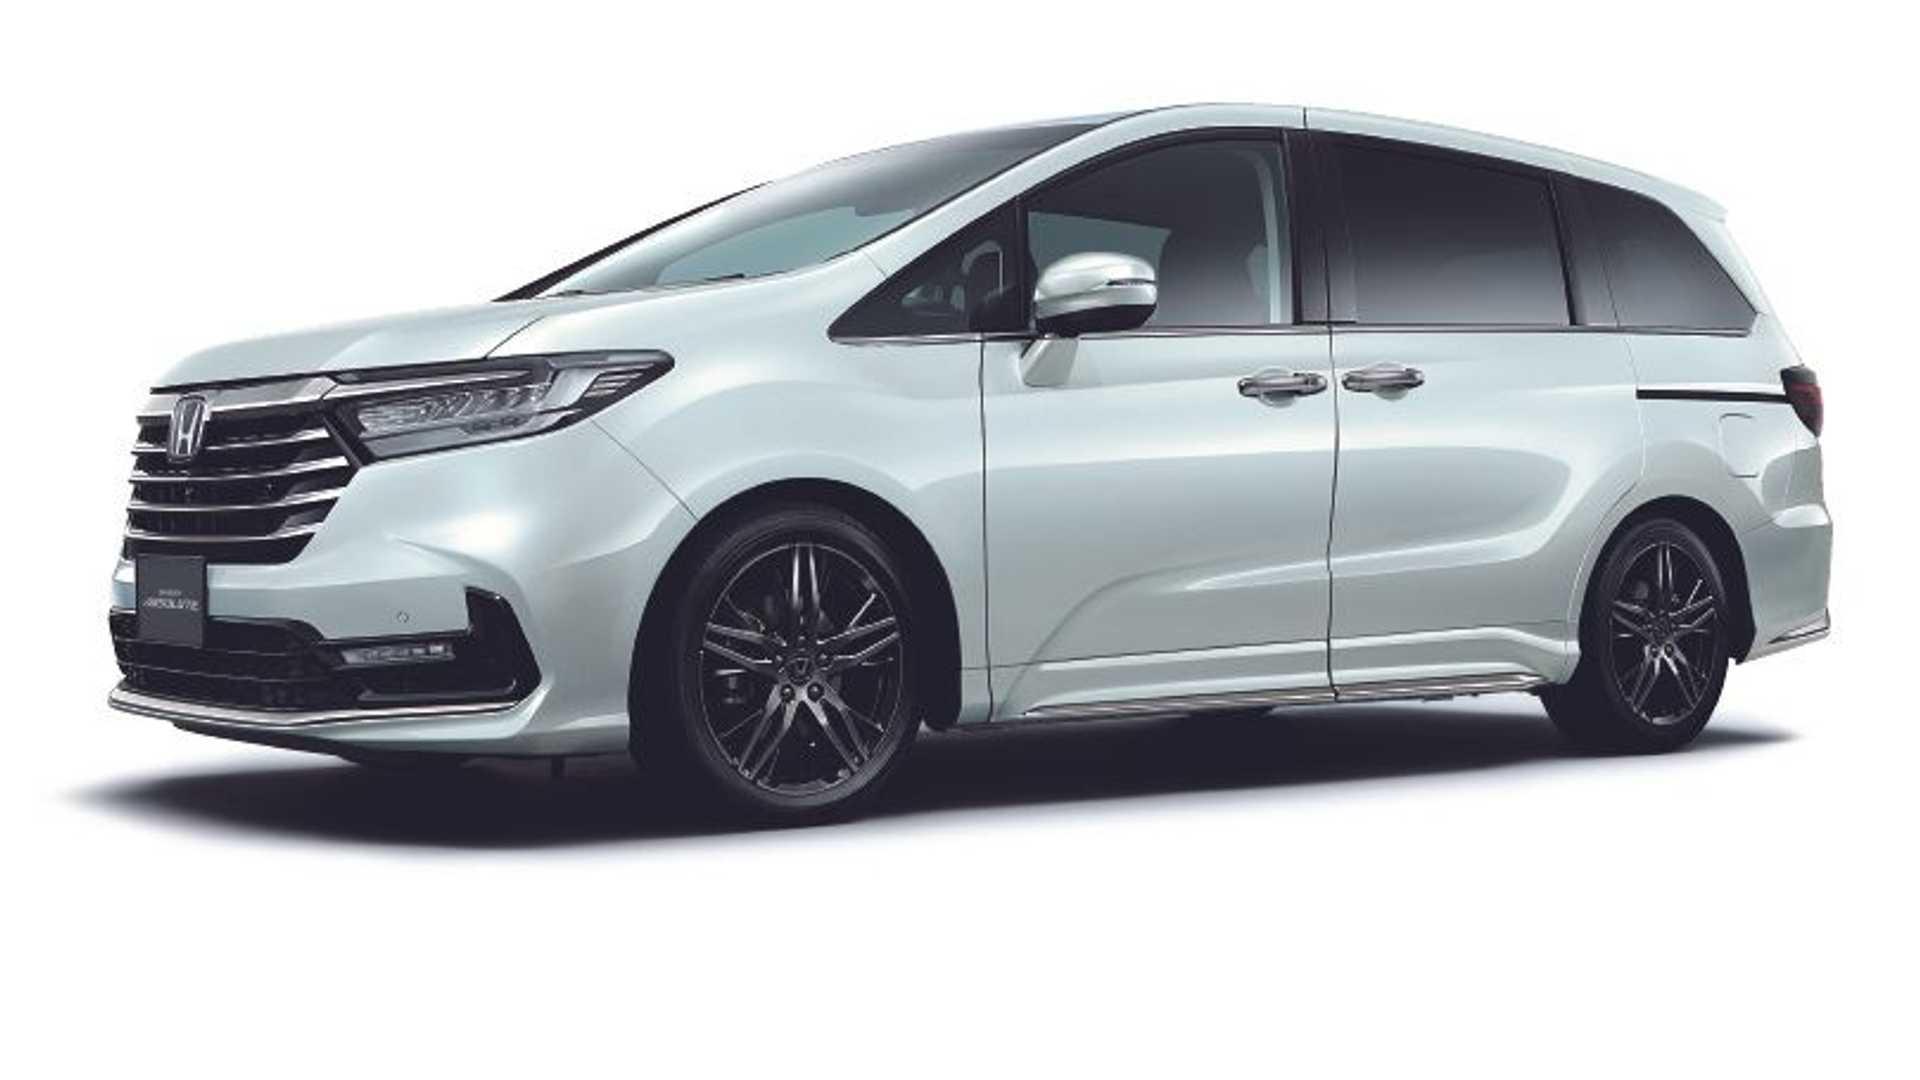 Honda-Odyssey-facelift-2020-3